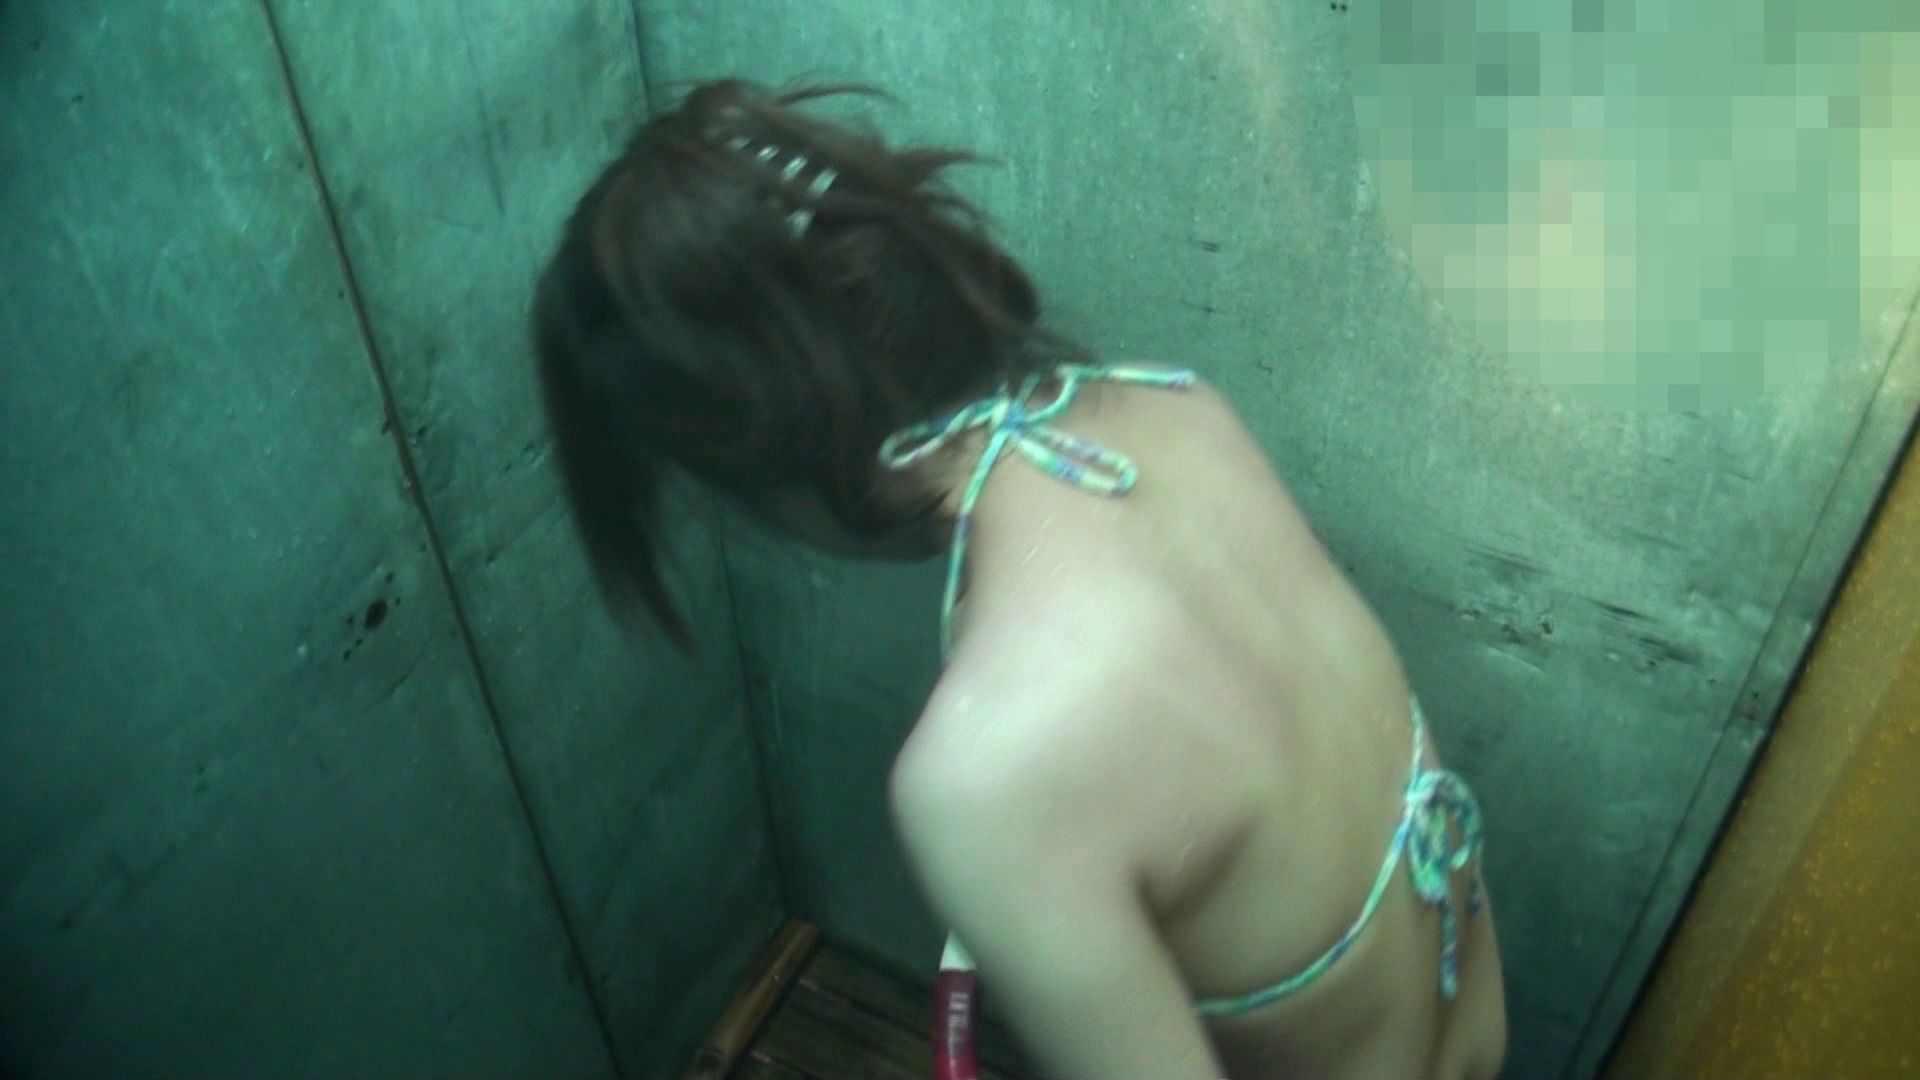 シャワールームは超!!危険な香りVol.15 残念ですが乳首未確認 マンコの砂は入念に 高画質 盗撮アダルト動画キャプチャ 51画像 19